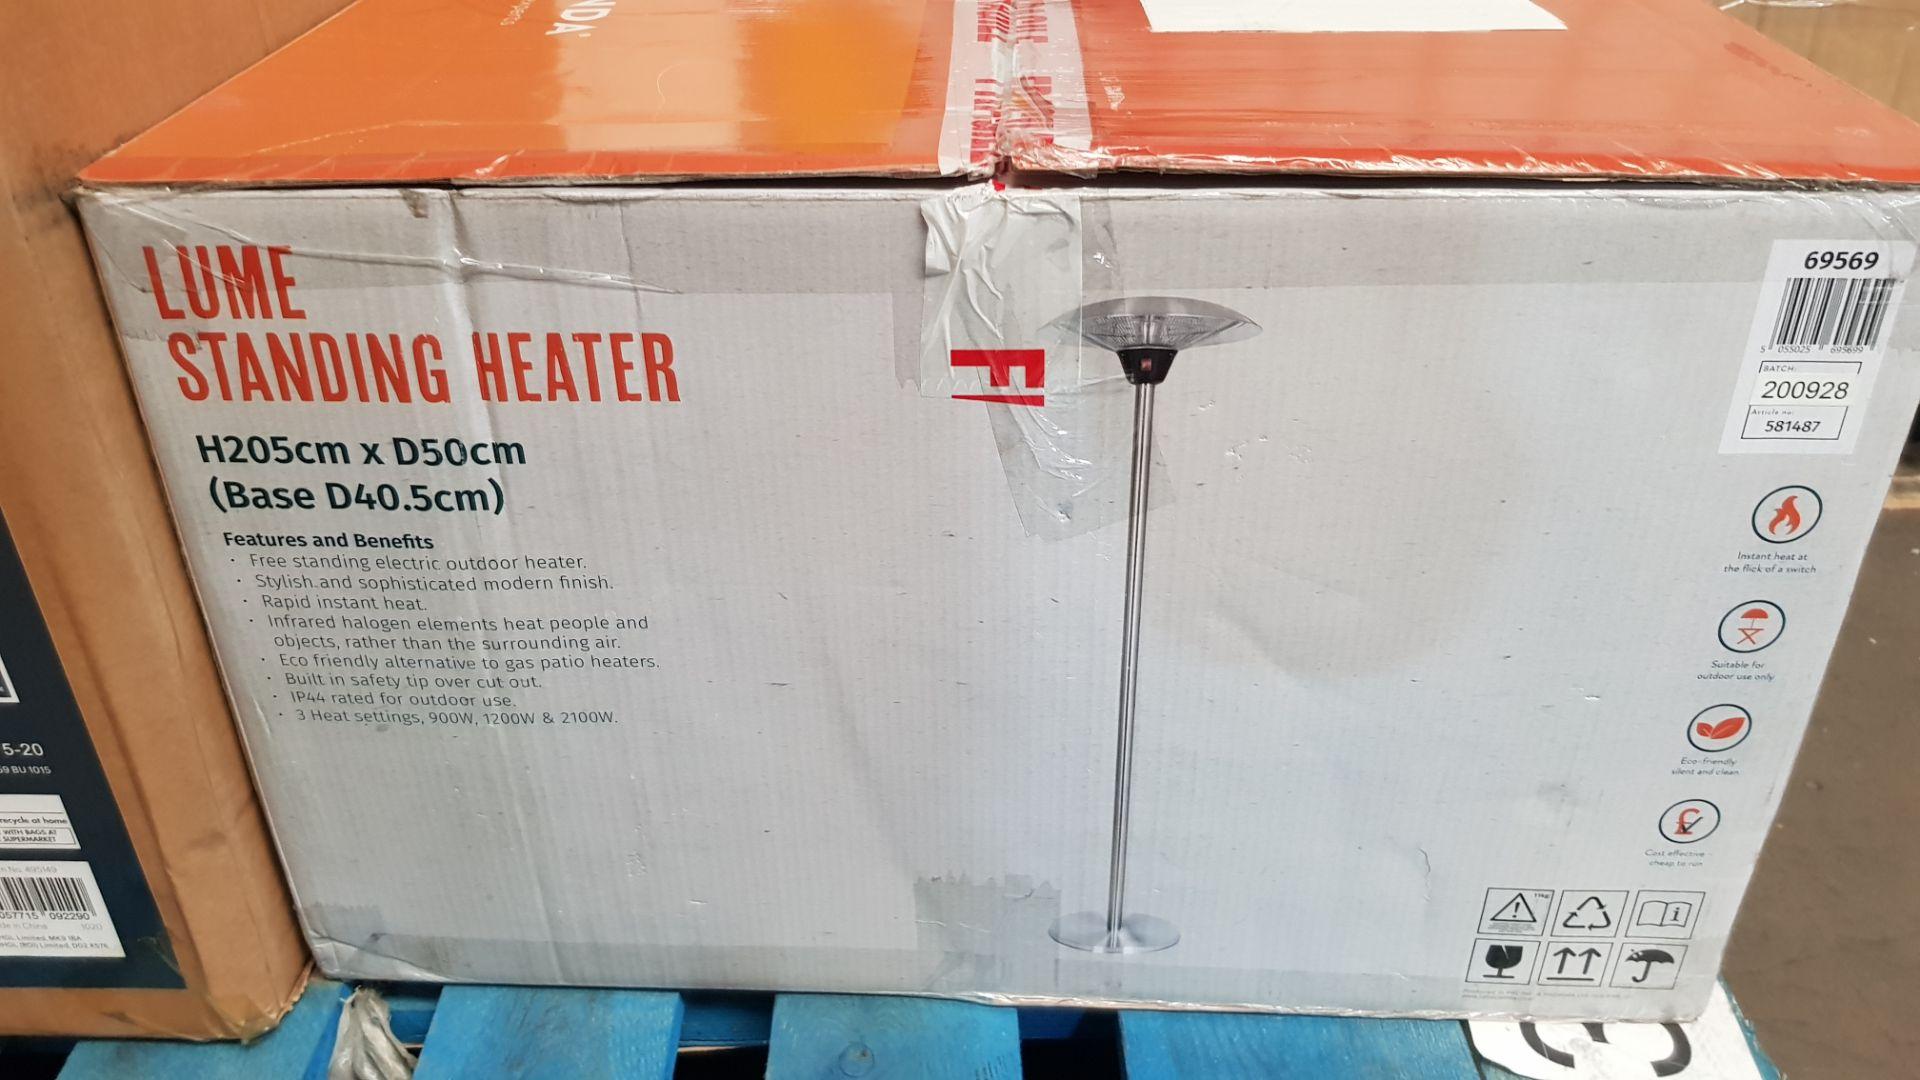 (P3) 1x La Hacienda Lume Standing Heater (H205x D50x Base D40.5cm) - Image 3 of 3